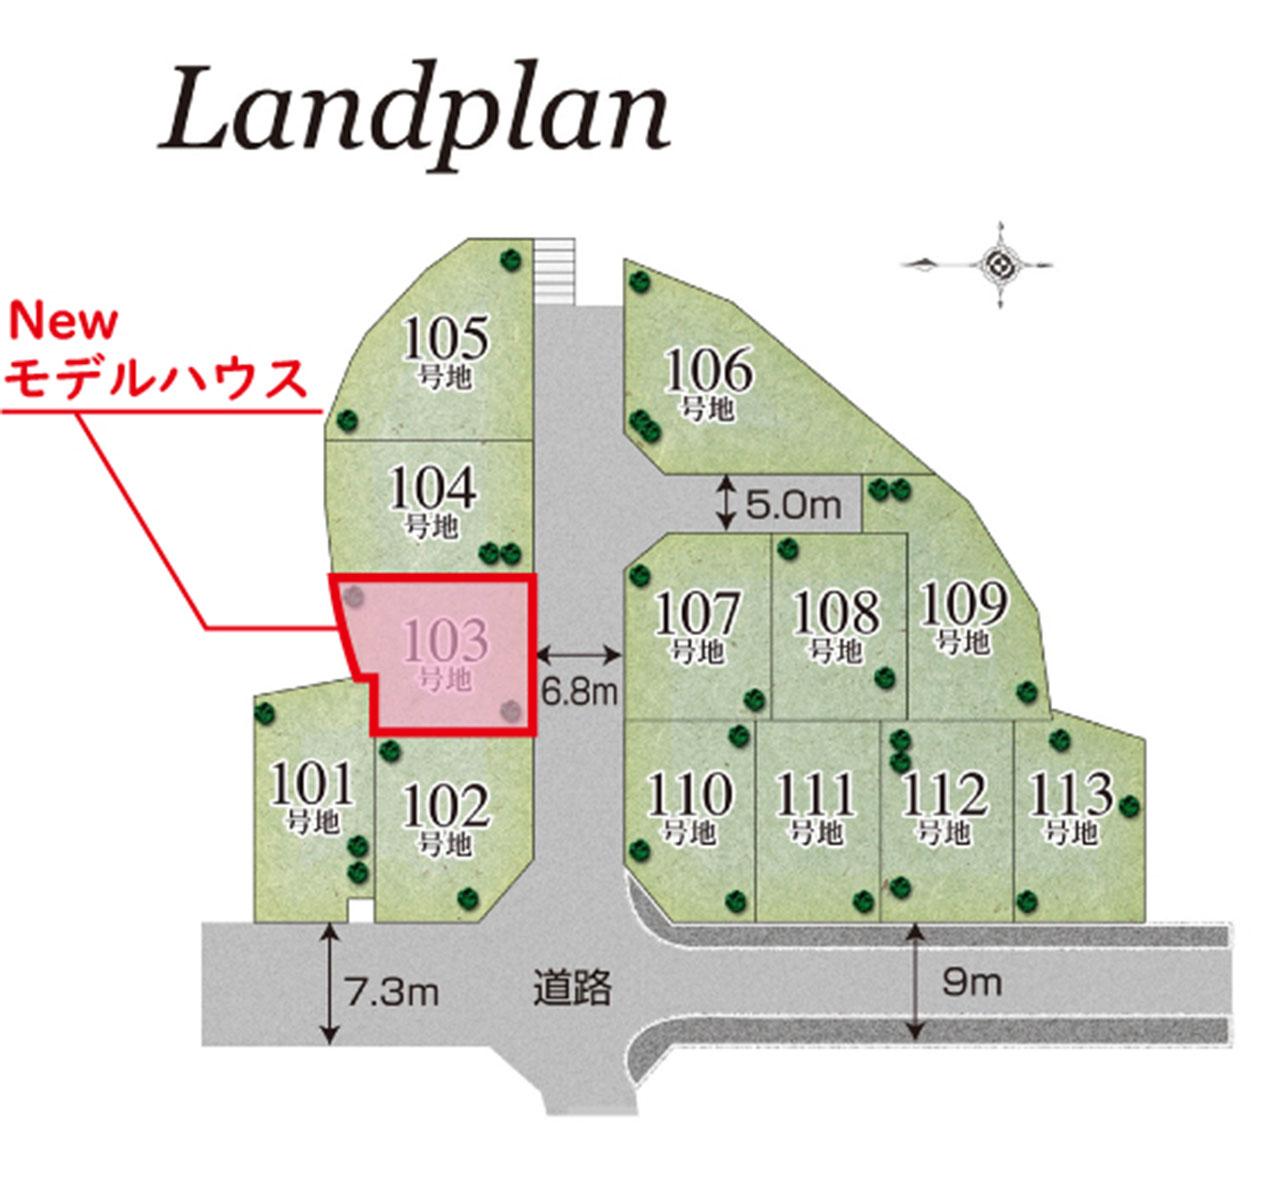 グランステージくずはⅢ 区画図